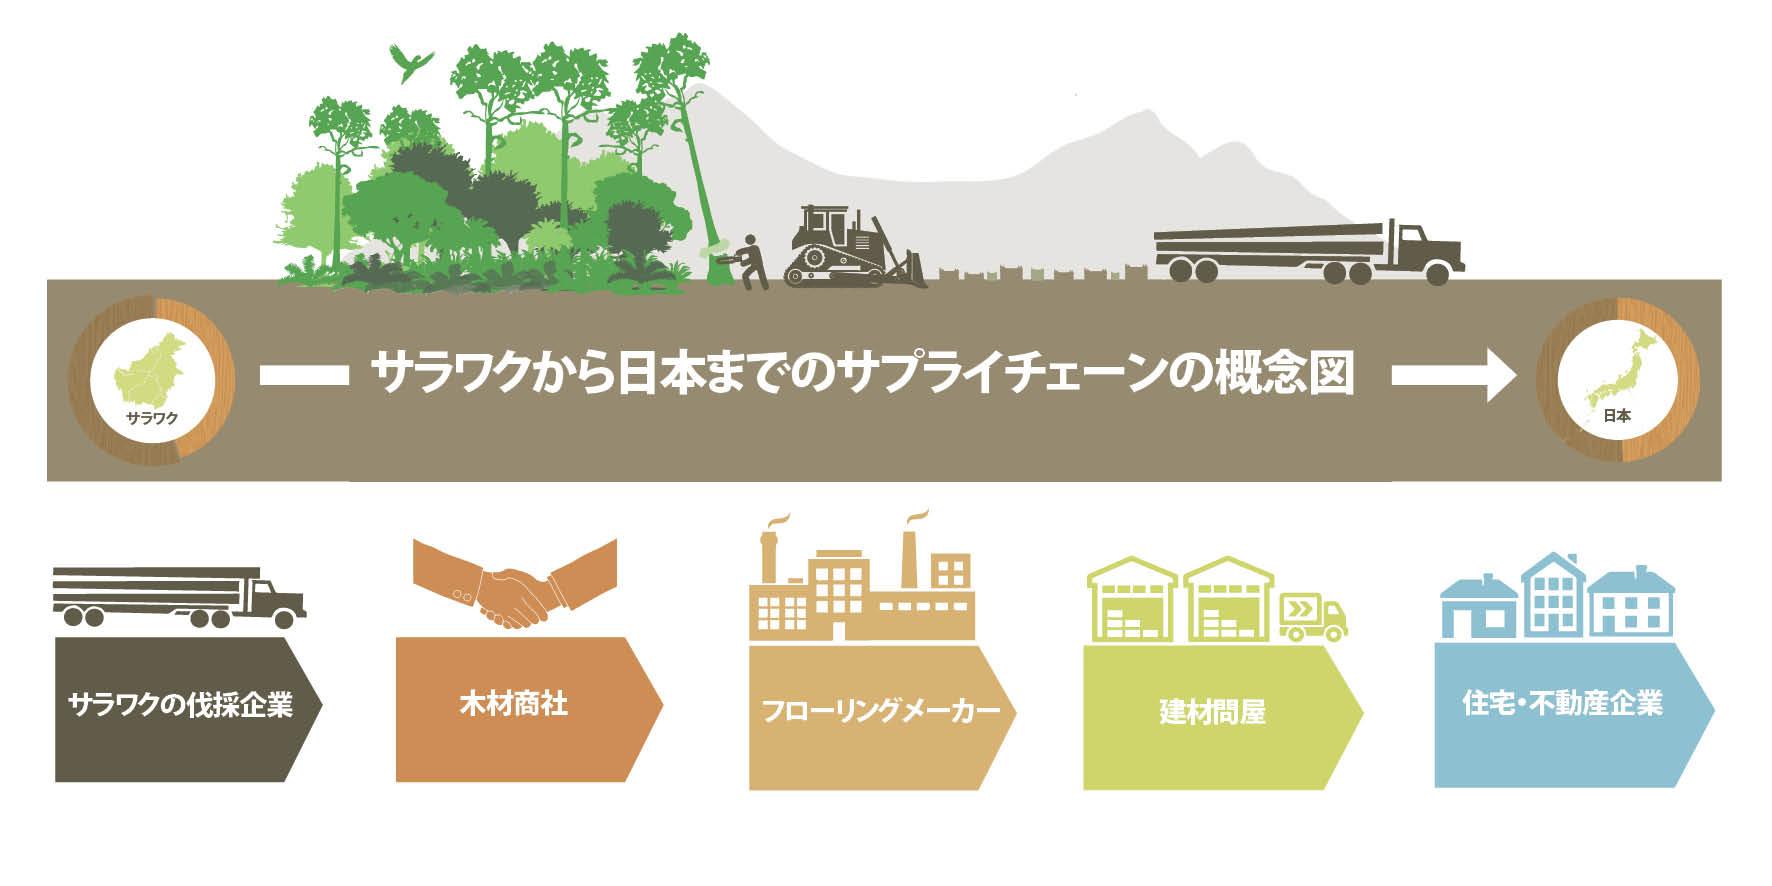 flow_chart_japanese.jpg